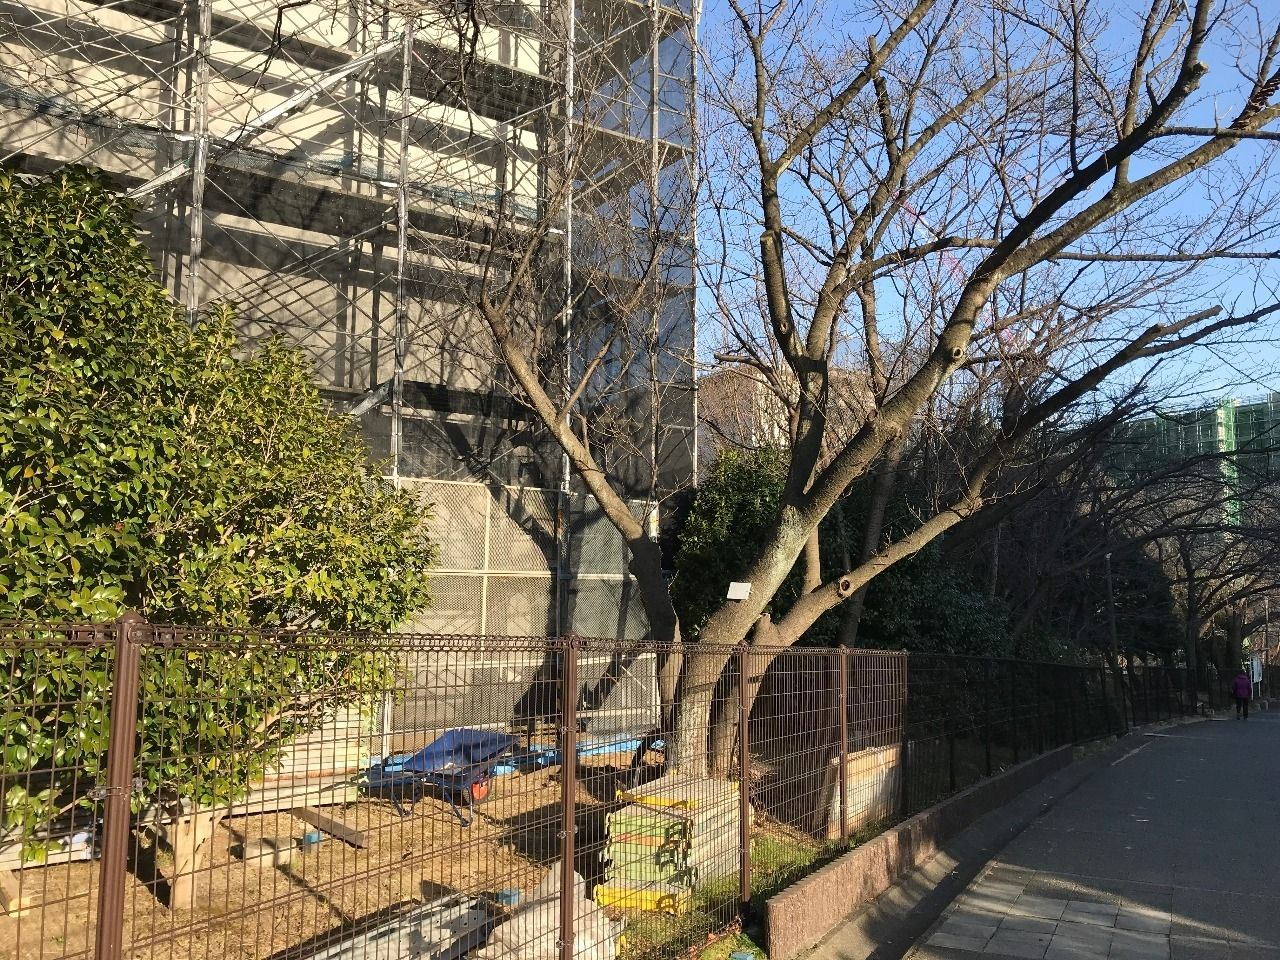 大規模修繕工事が始まったたまプラーザ団地1-2号棟(美しが丘1丁目14)の様子です。